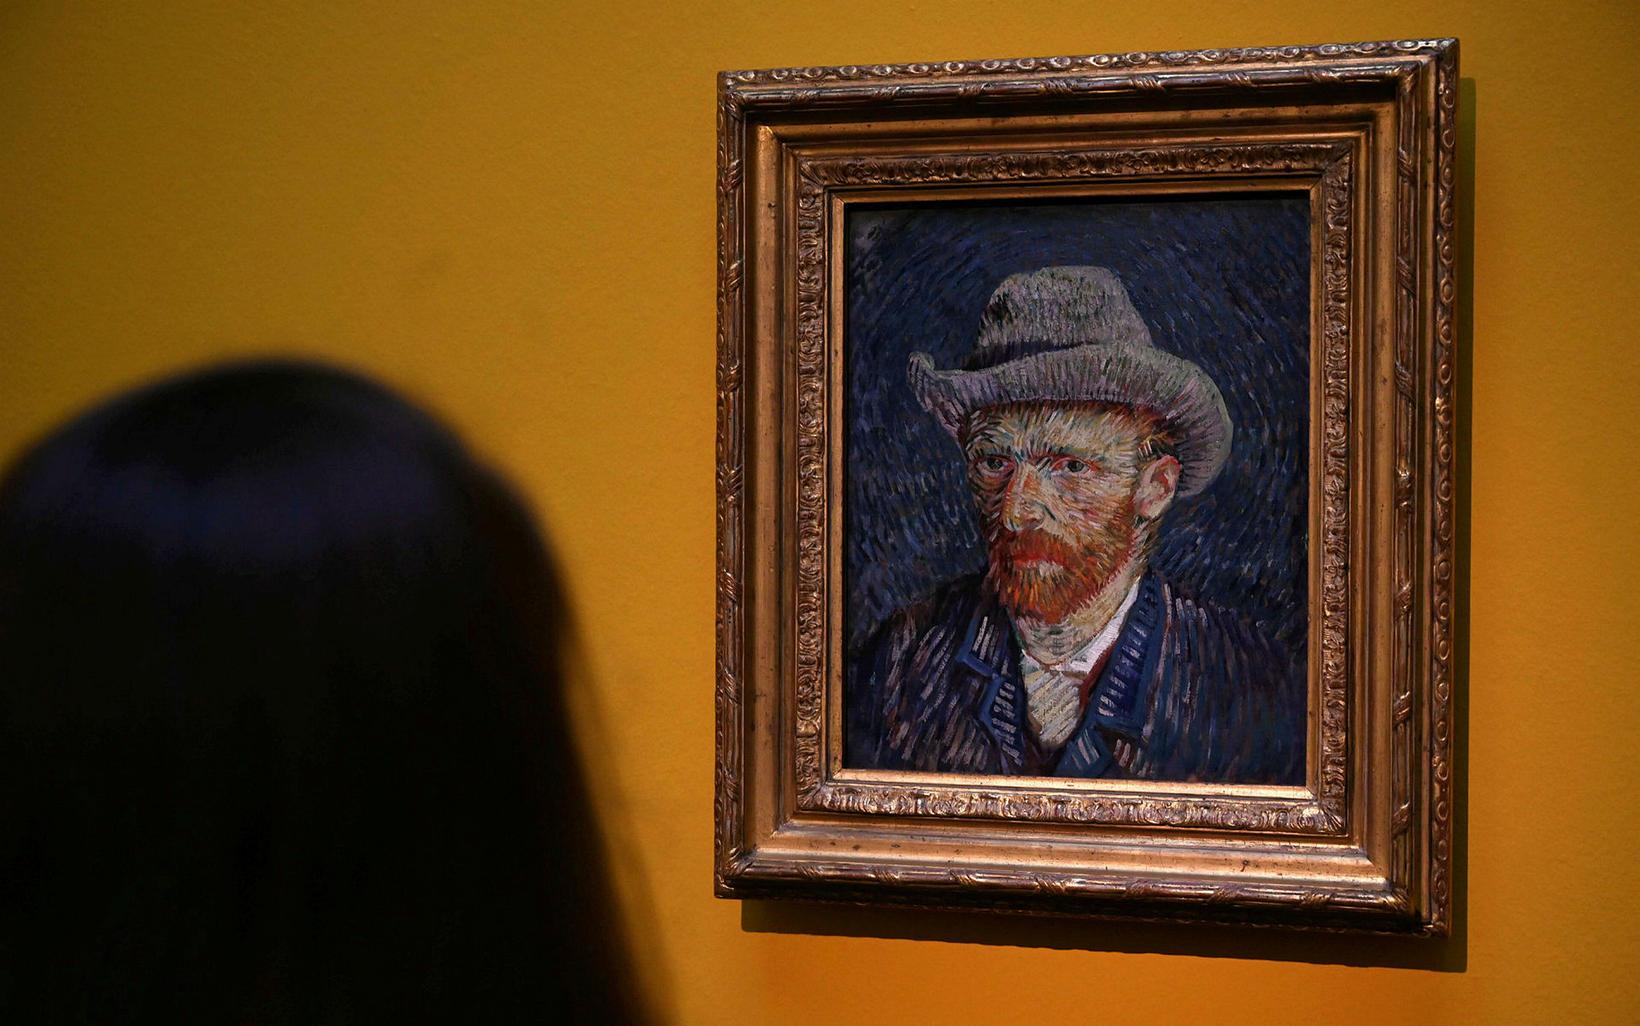 Bannað að taka myndir á Van Gogh-safninu.